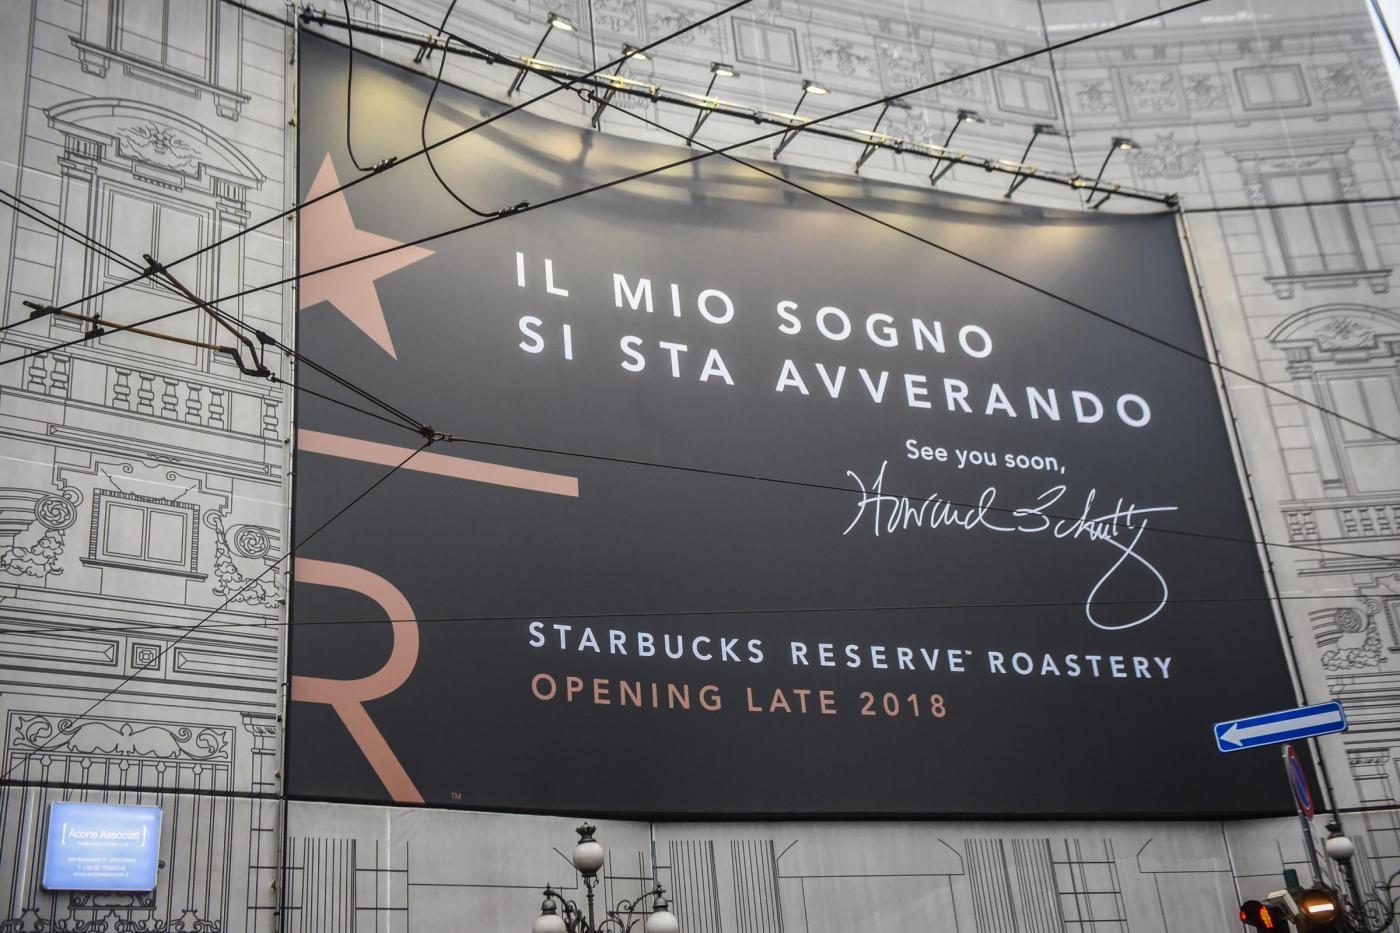 Starbucks a Milano? A chi polemizza rispondiamo che Starbucks non è solo una caffetteria